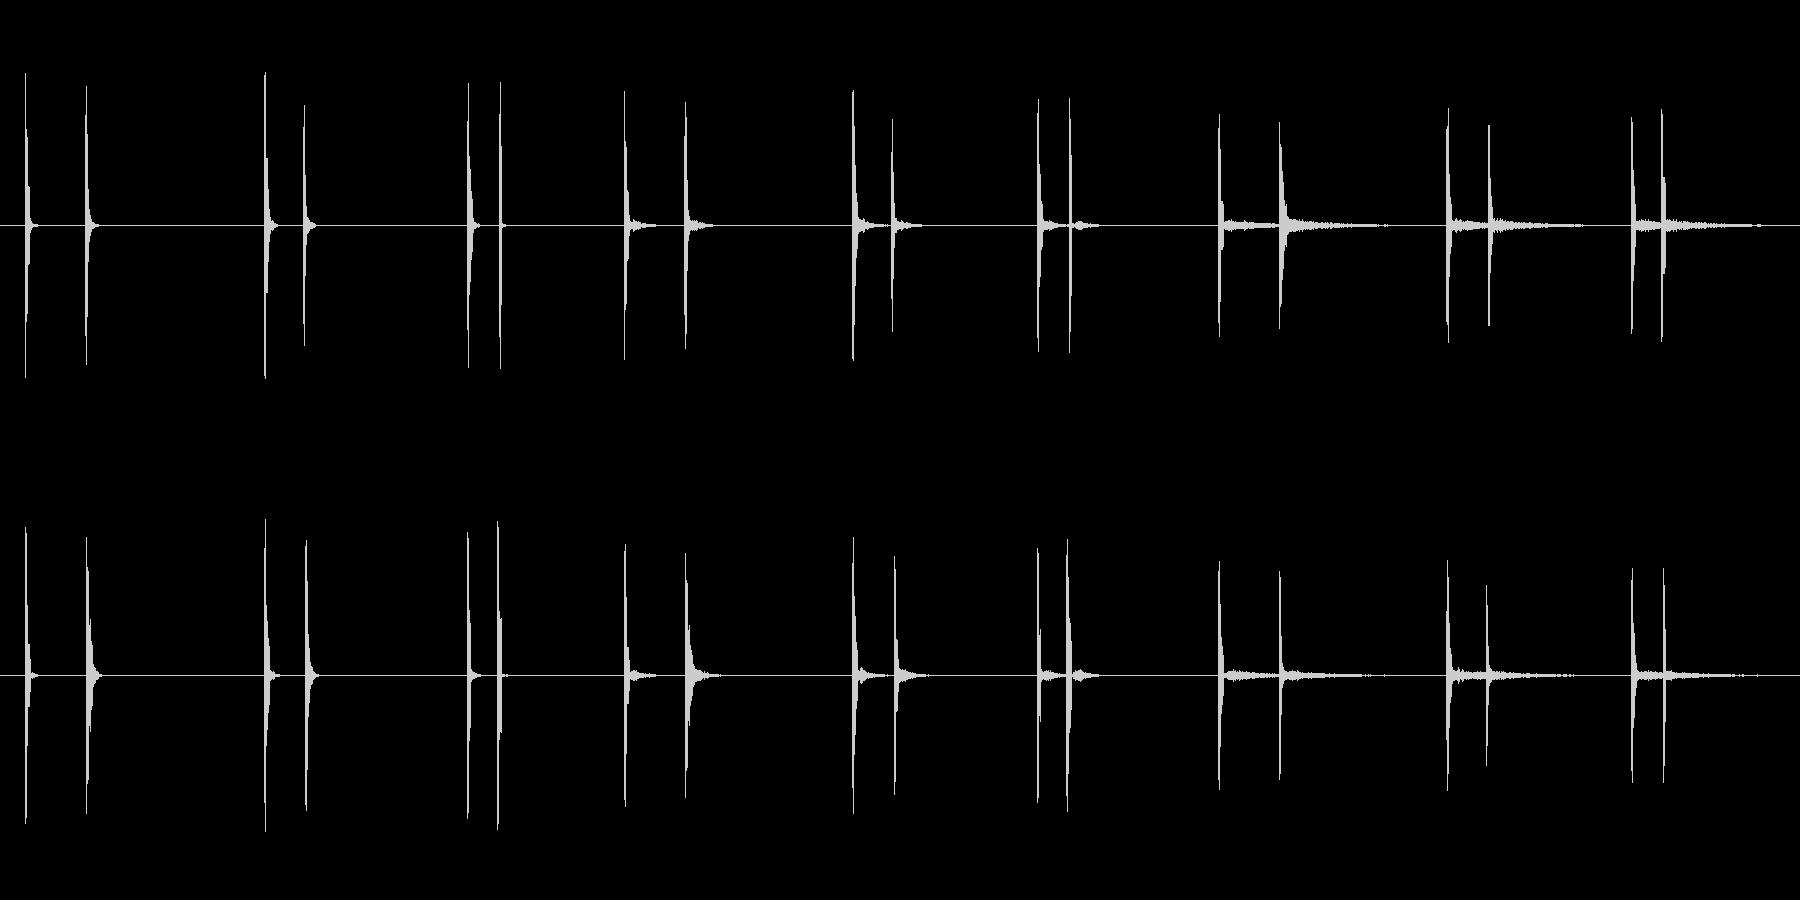 トグルボタン、3バージョンX 3ル...の未再生の波形